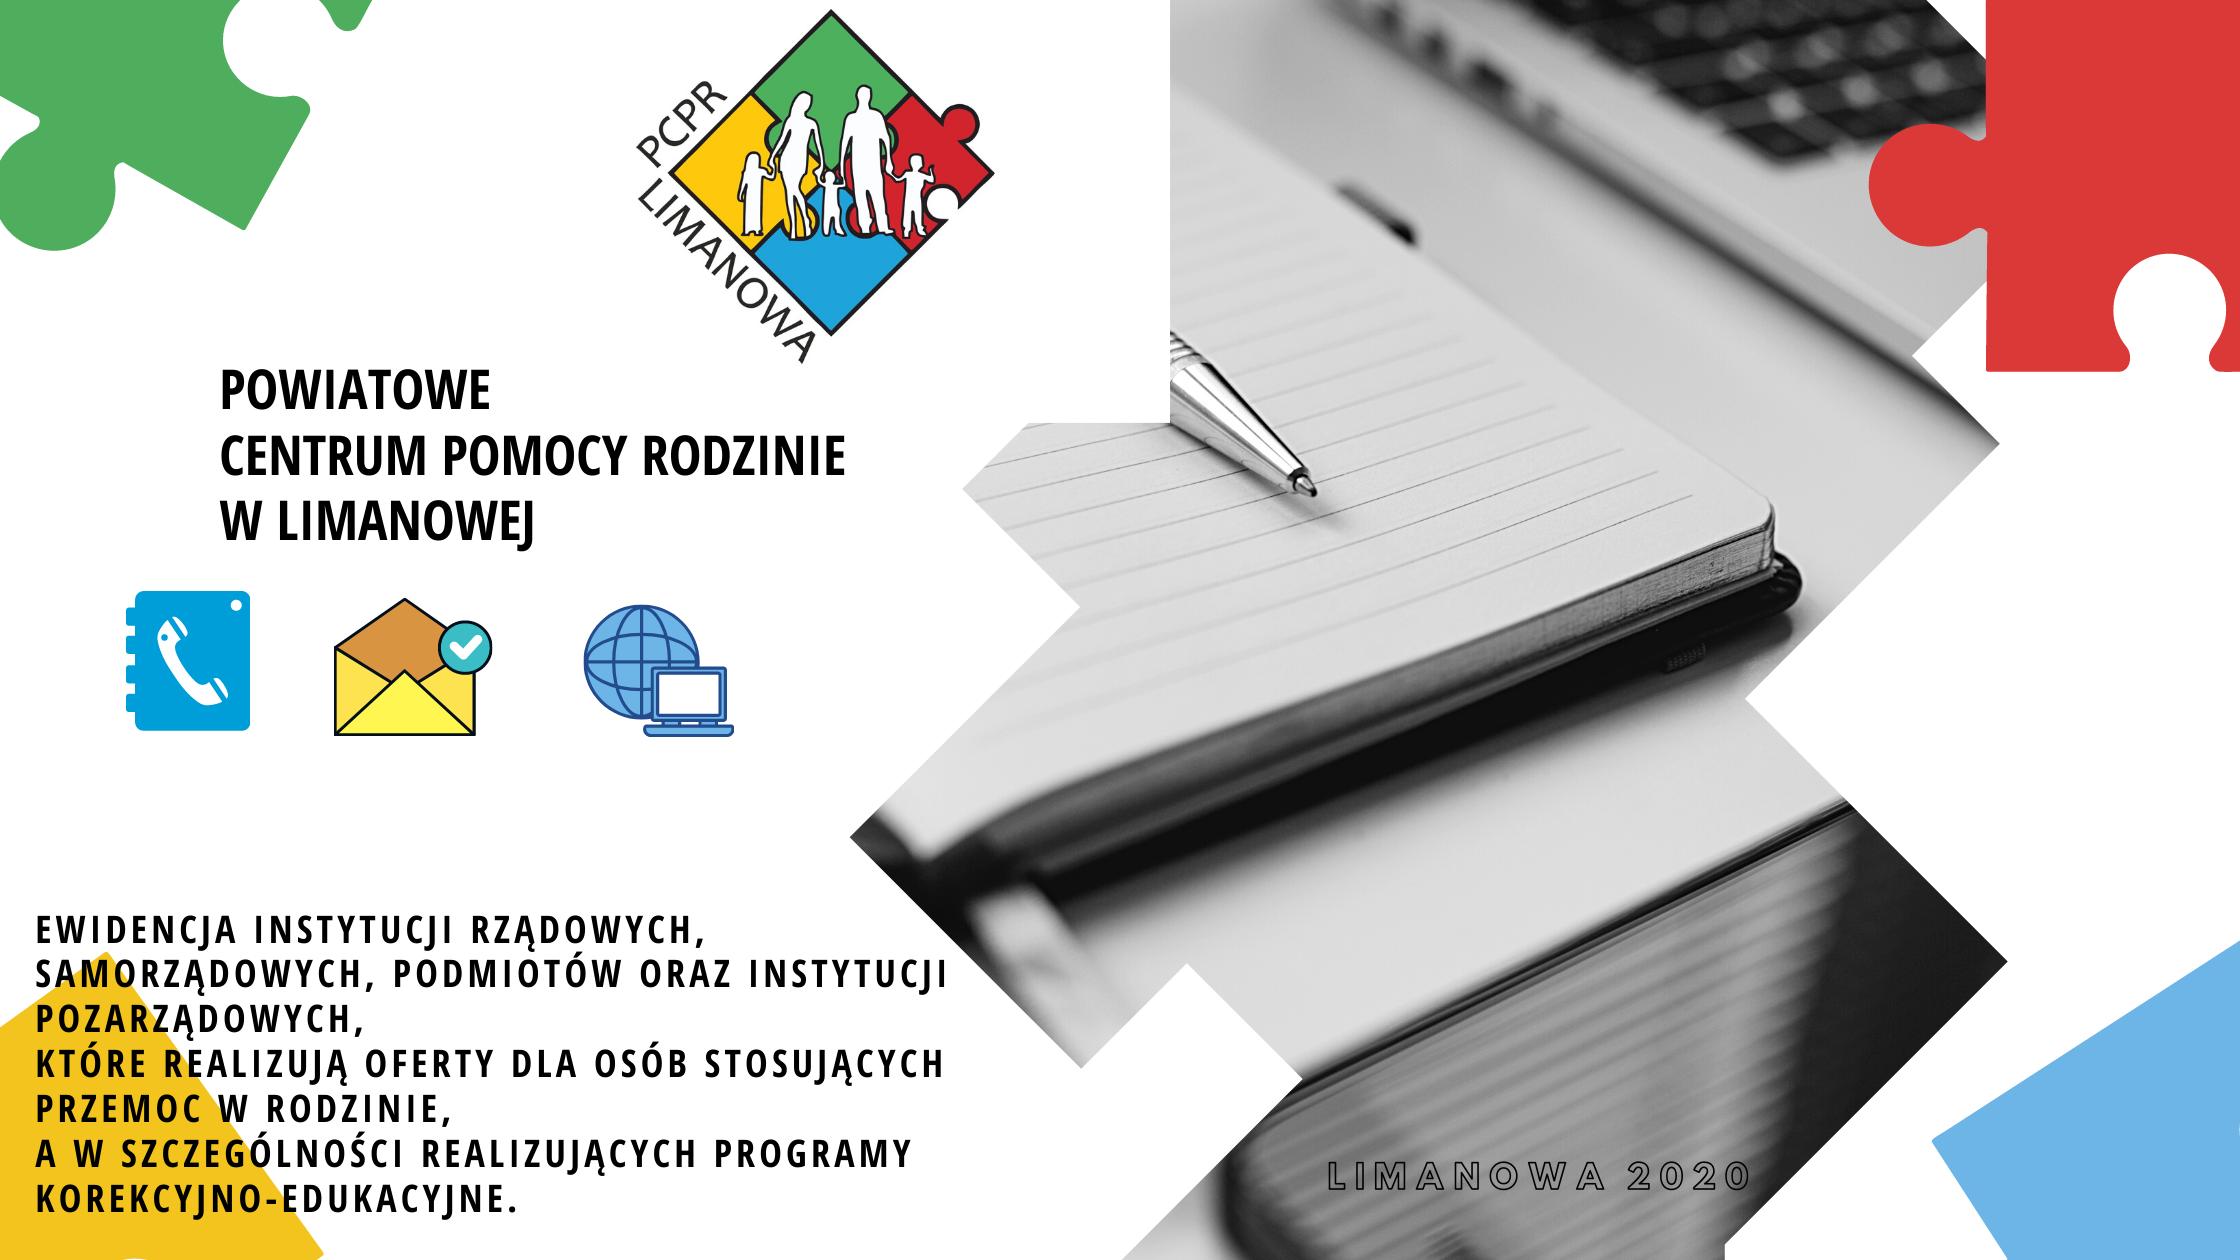 Ewidencja instytucji realizujących program korekcyjno-edukacyjny  od PCPR Limanowa - zdjęcie główne